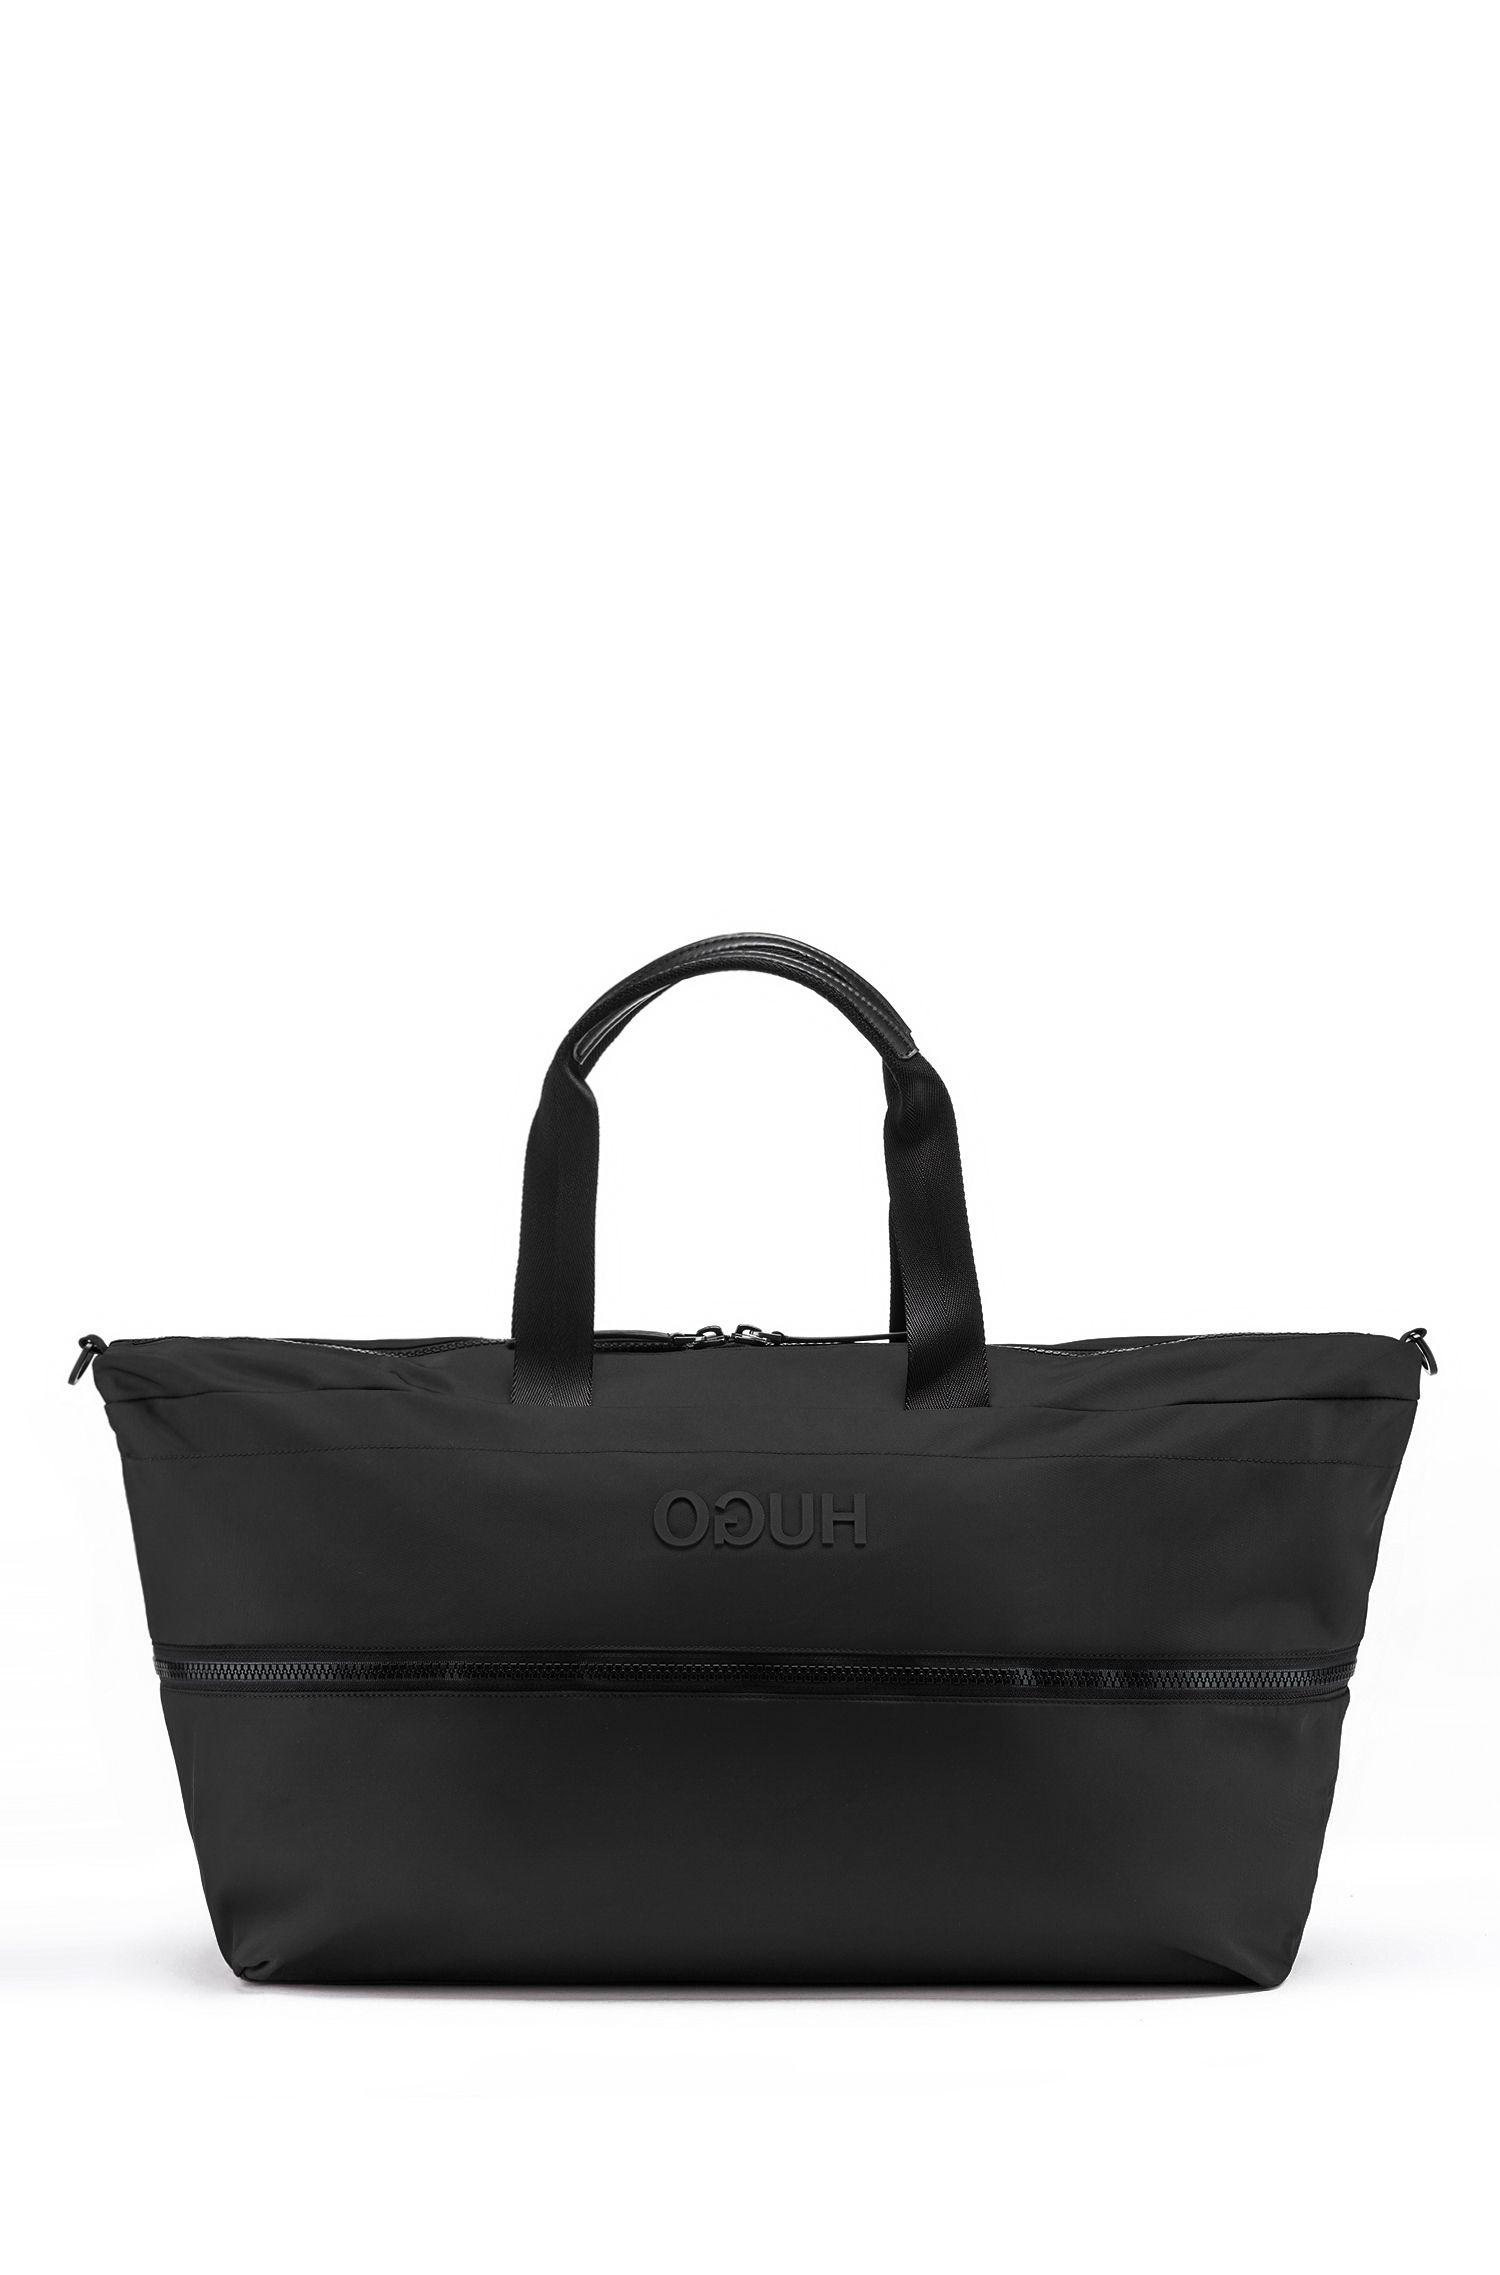 Hugo Boss - Amplio bolso weekender extensible en tejido de gabardina de nylon con logo invertido - 1